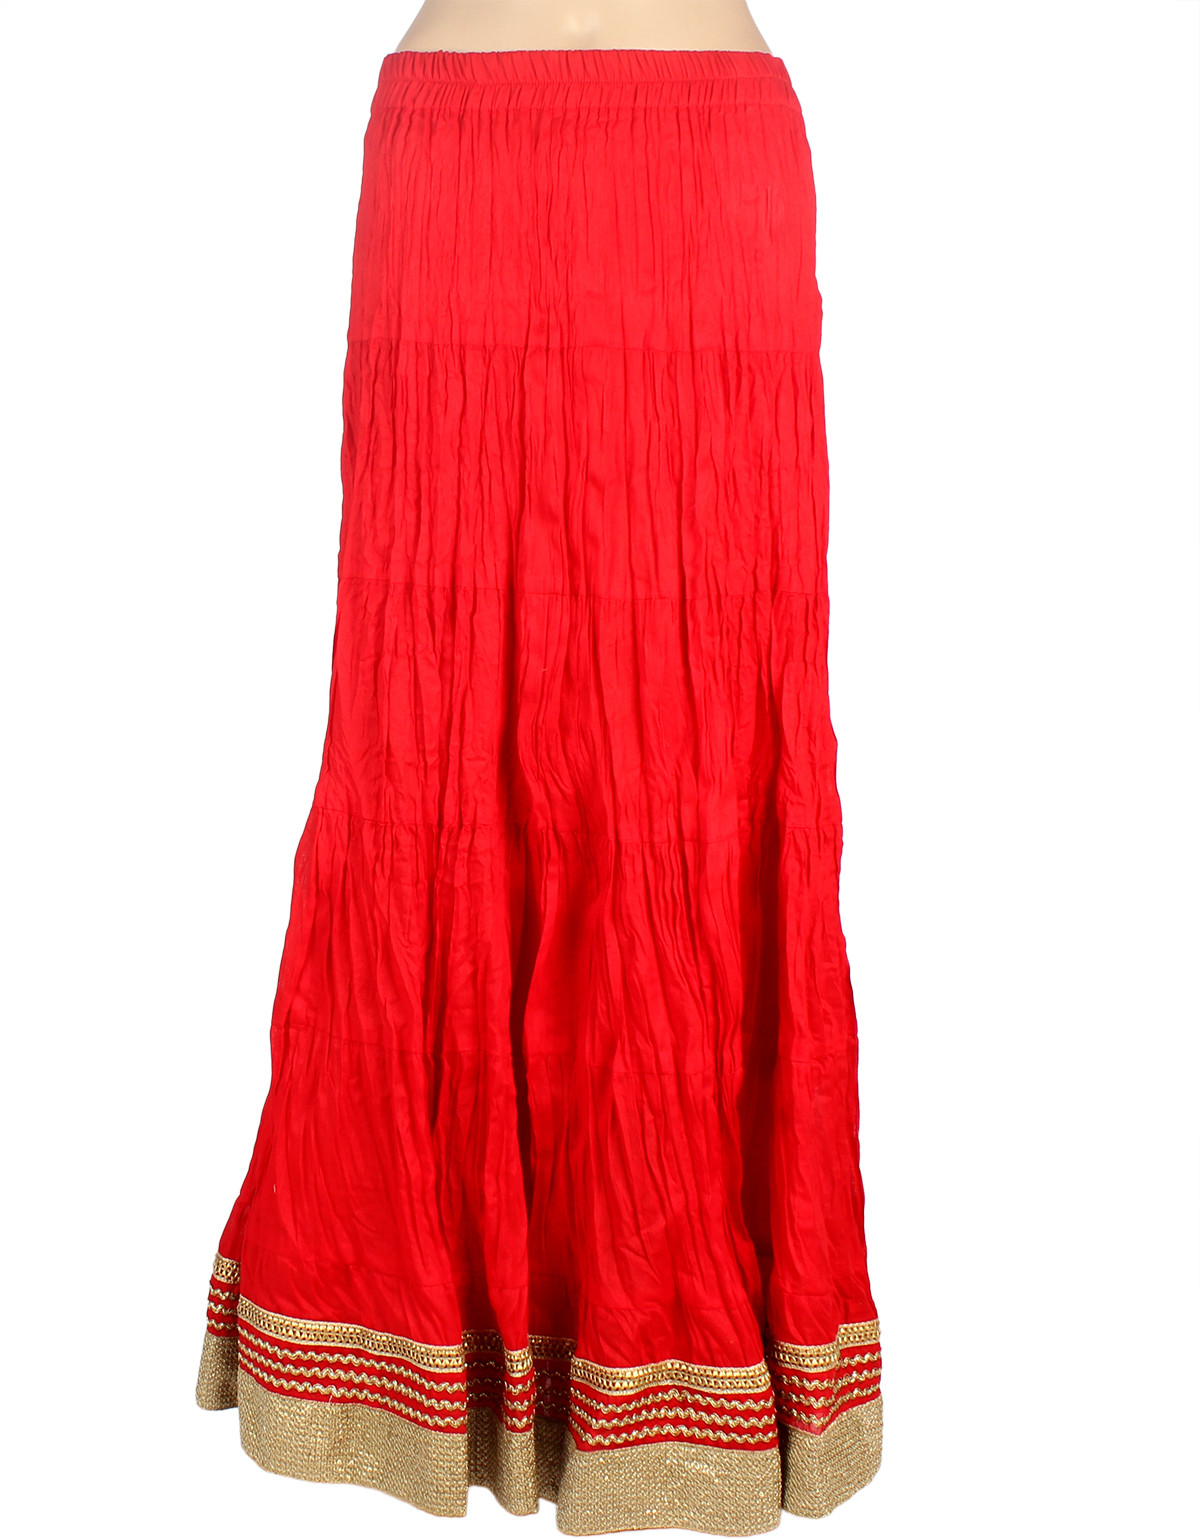 Mina Bazaar Solid Womens A-line Red Skirt